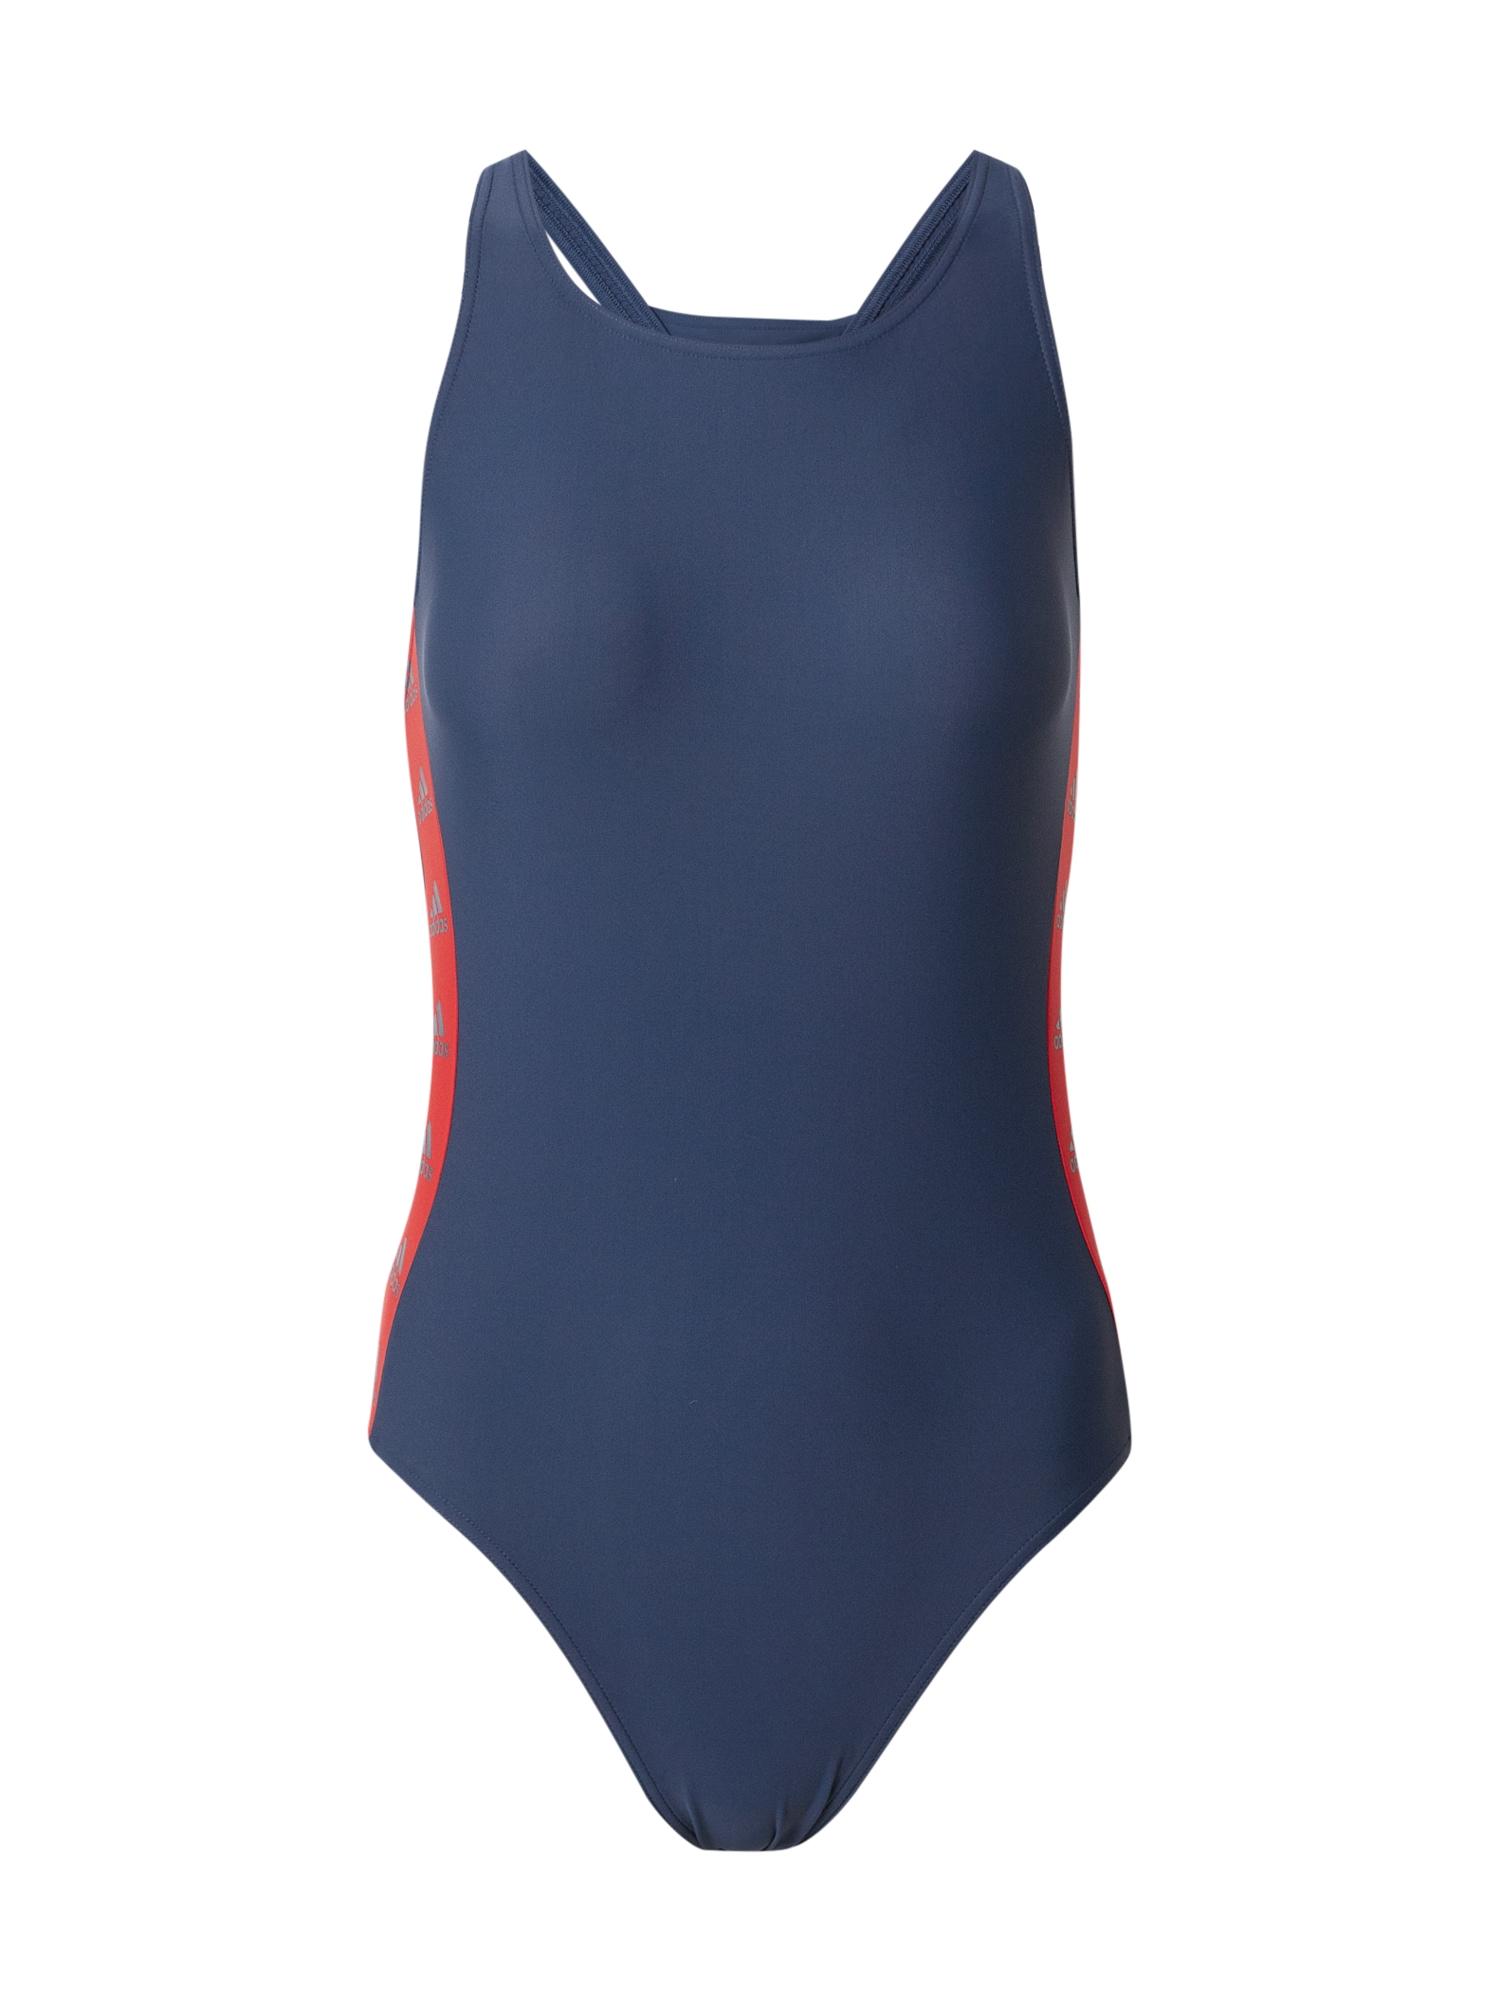 ADIDAS PERFORMANCE Sportovní plavky  námořnická modř / červená